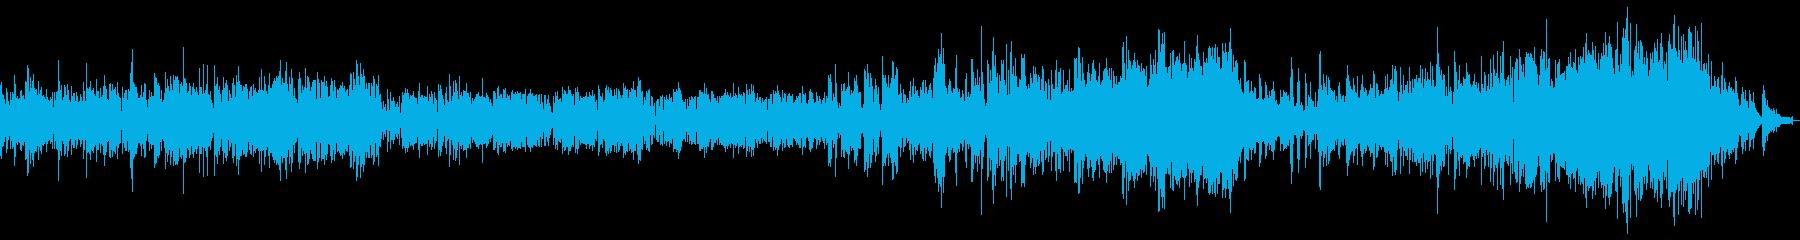 ジャズトリオ。の再生済みの波形